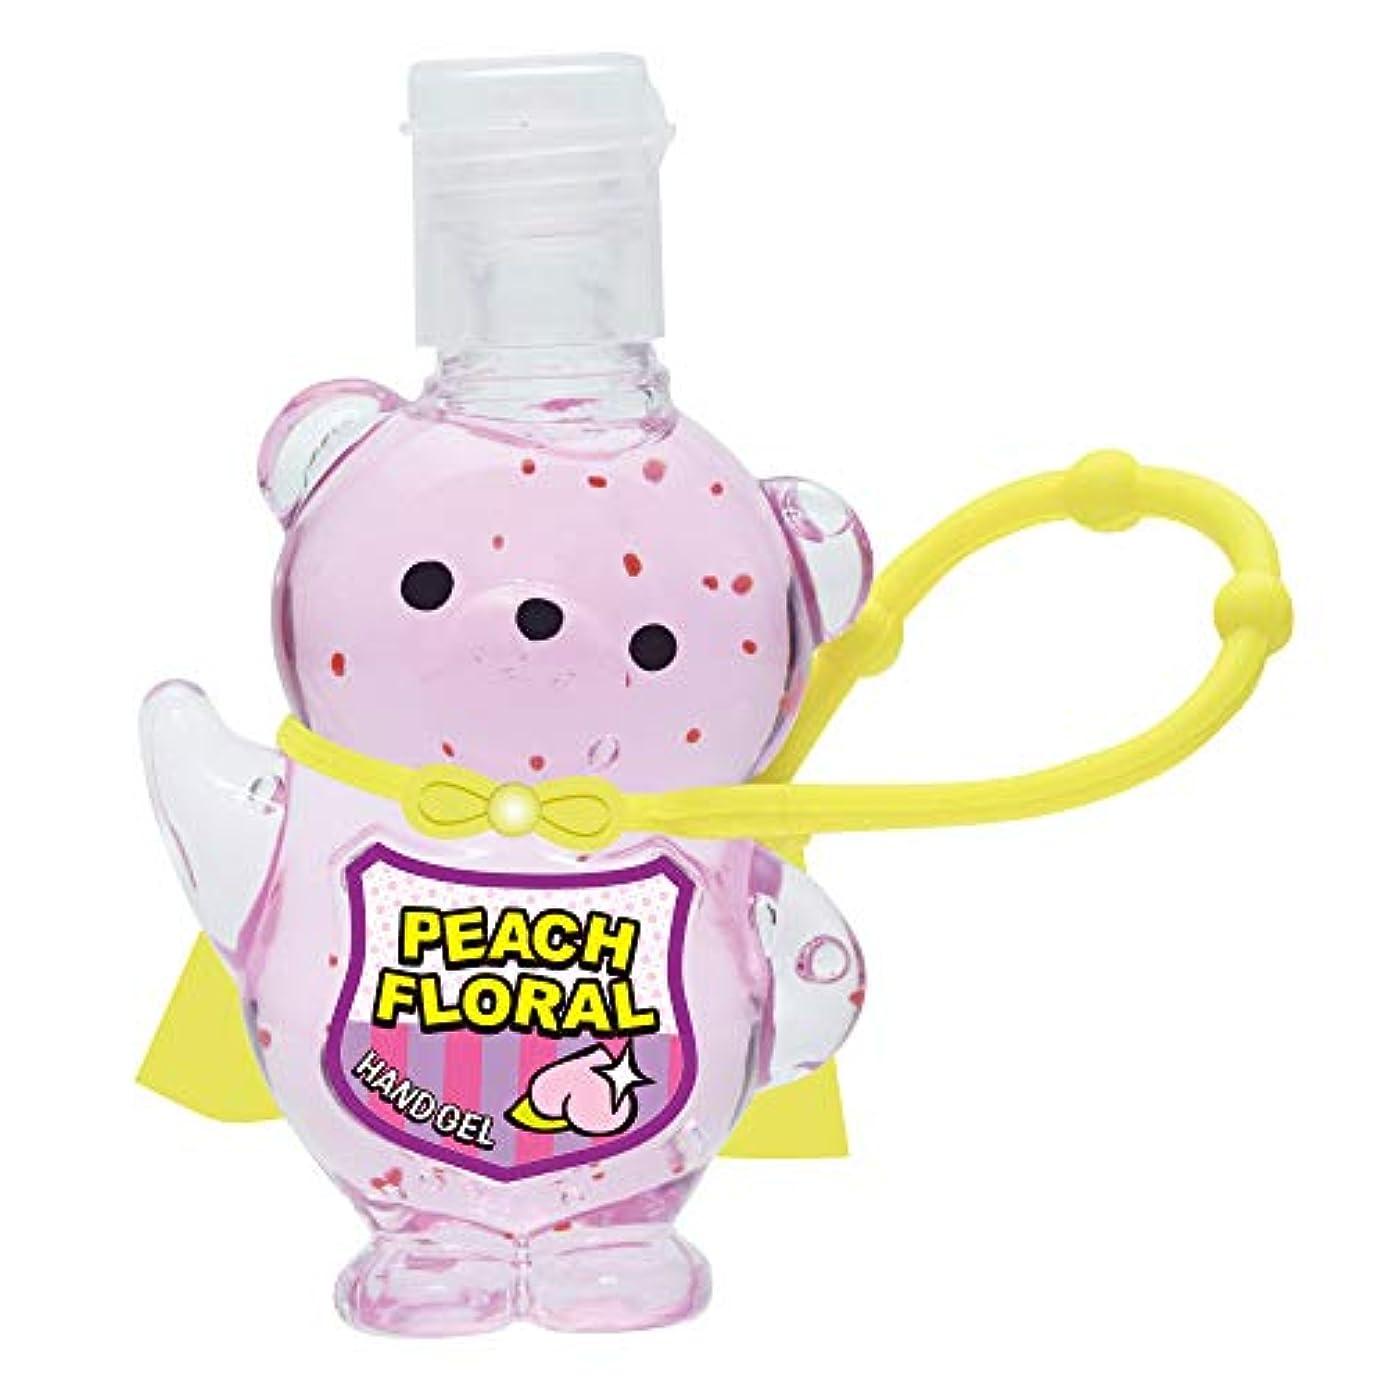 ティーム朝ごはんキャンペーンヒーローベア ハンドジェル 携帯用 ピーチ フローラルの香り 36ml OZ-HBR-1-1